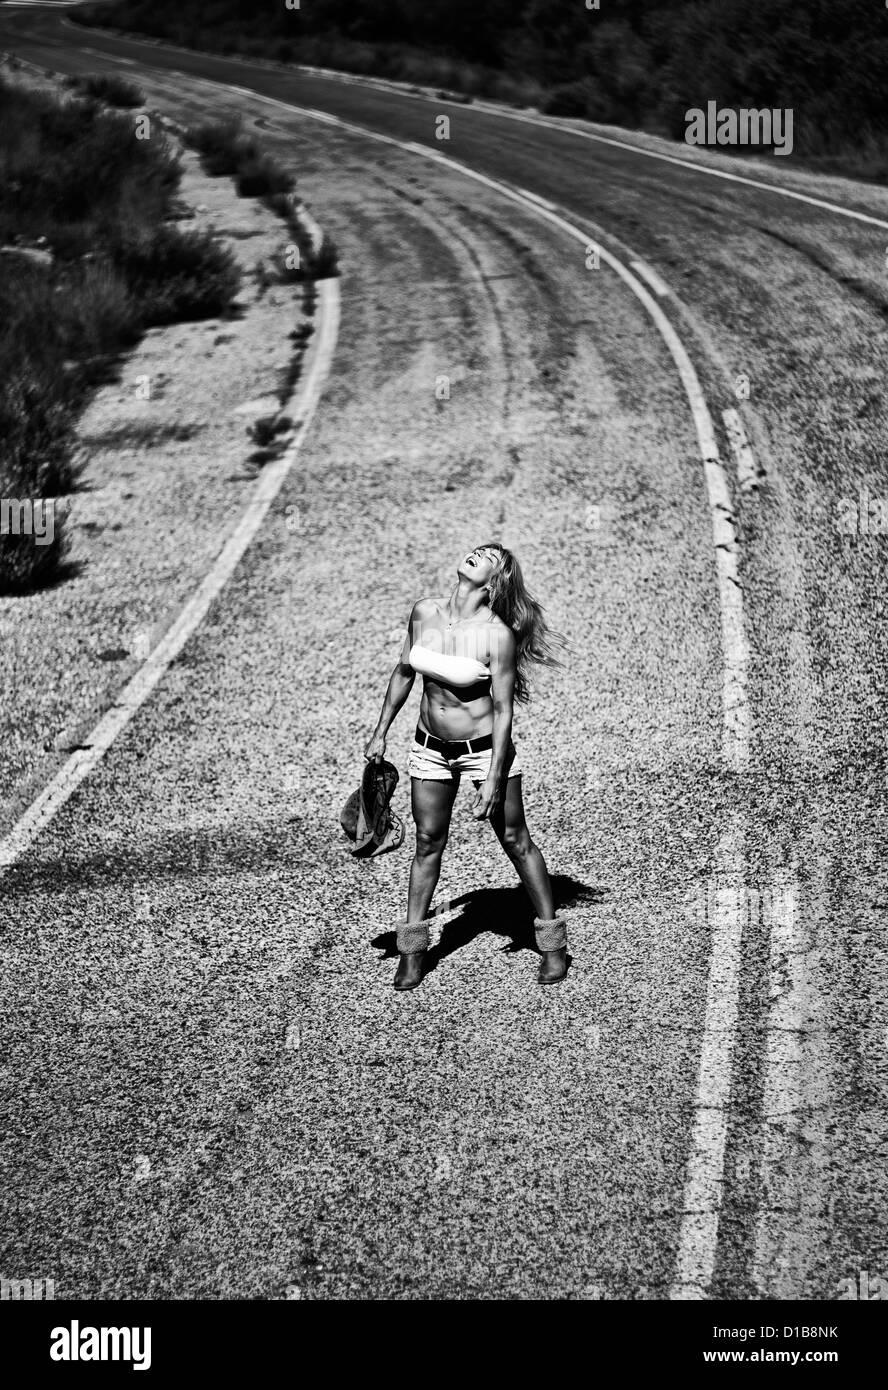 La donna da solo sulla strada. Immagini Stock